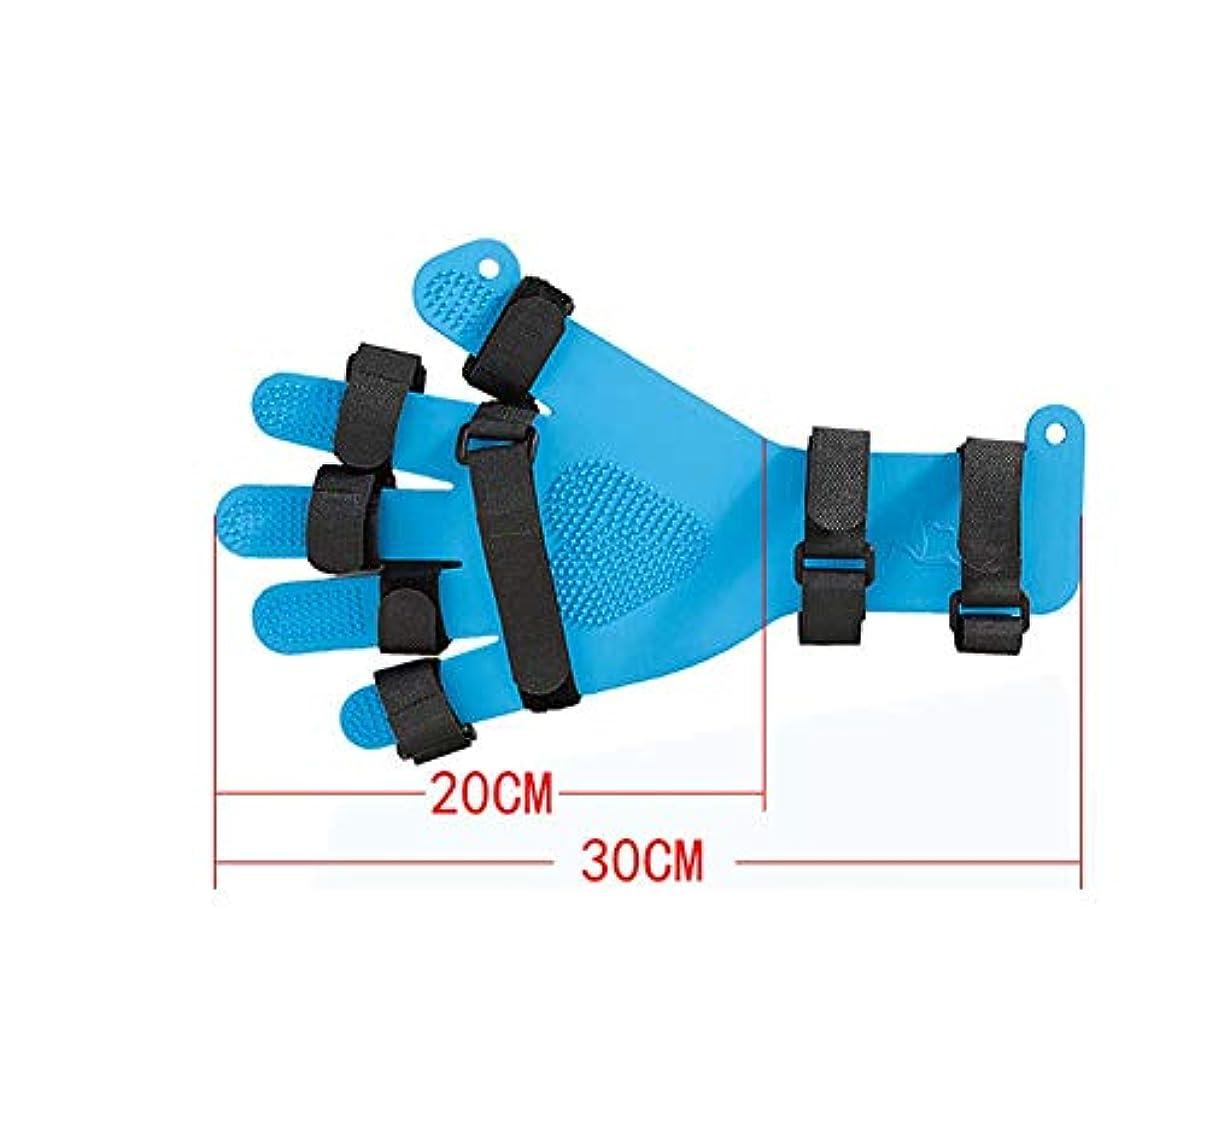 大腿端歴史脳卒中HemiplegiaSpasmストローク神経障害Finge左右の区切りインソール-Adjustable指拡張ボードを指